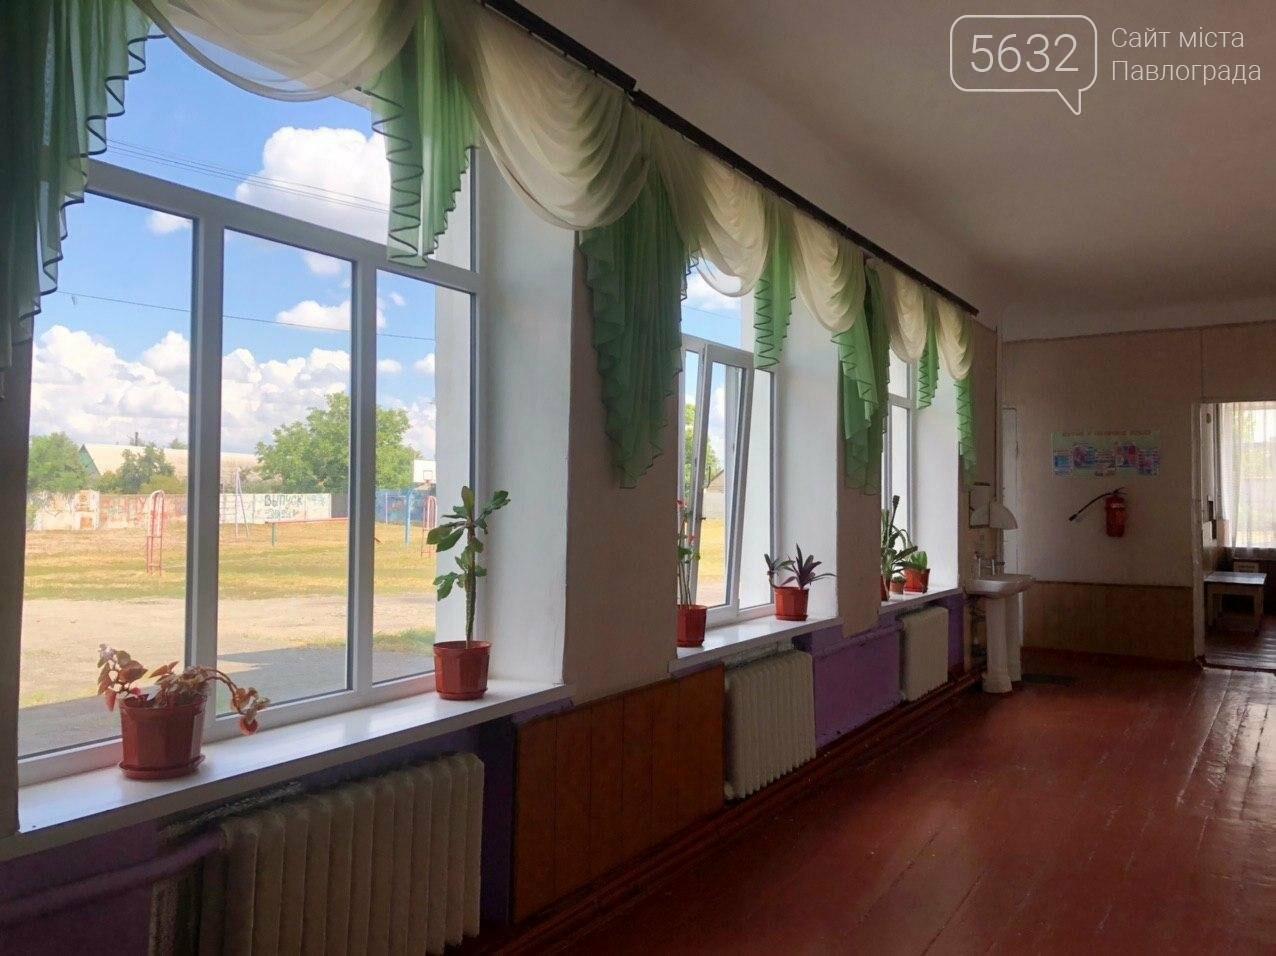 Санитайзеры и медицинские маски: как школы Павлограда готовятся к новому учебному году (ФОТО), фото-21